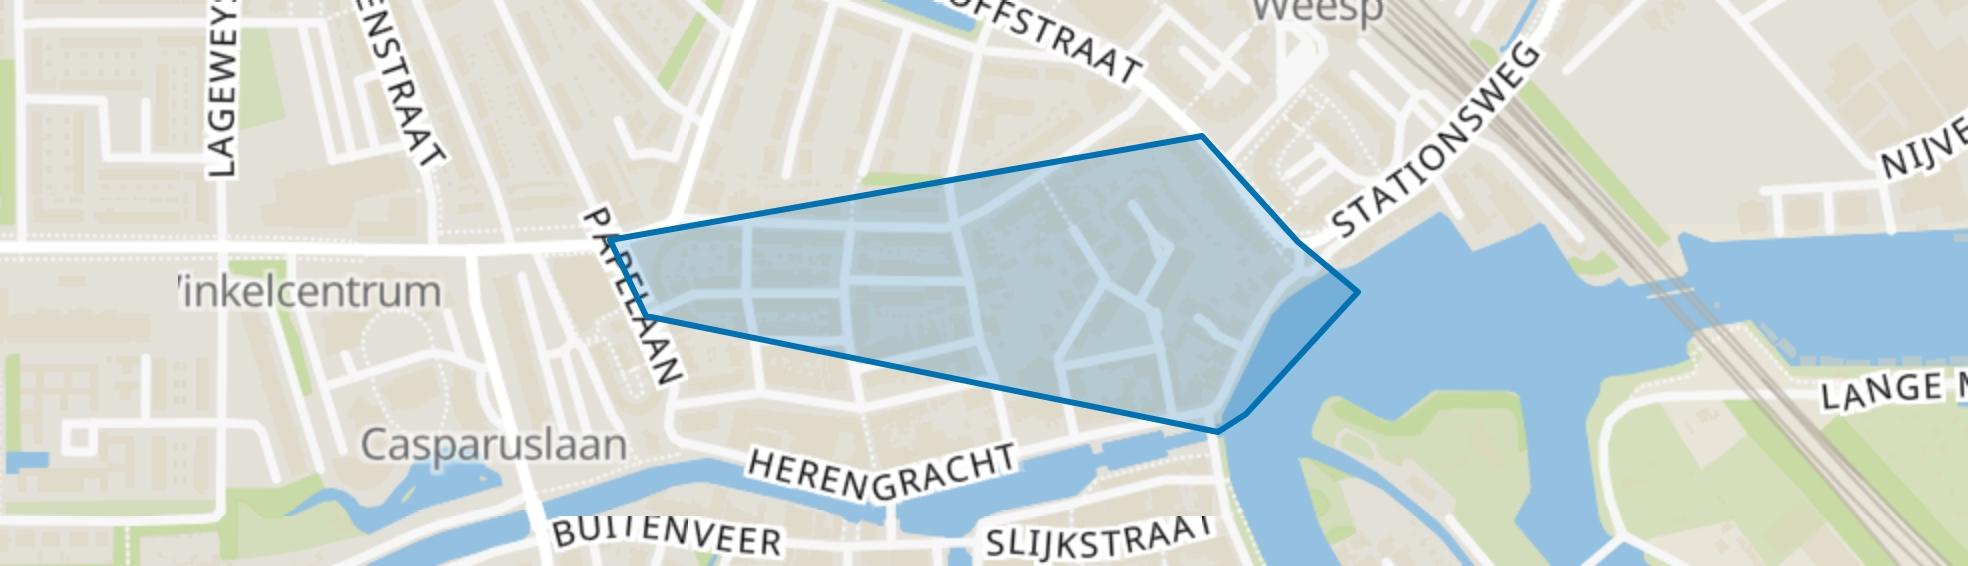 Herensingelkwartier, Weesp map